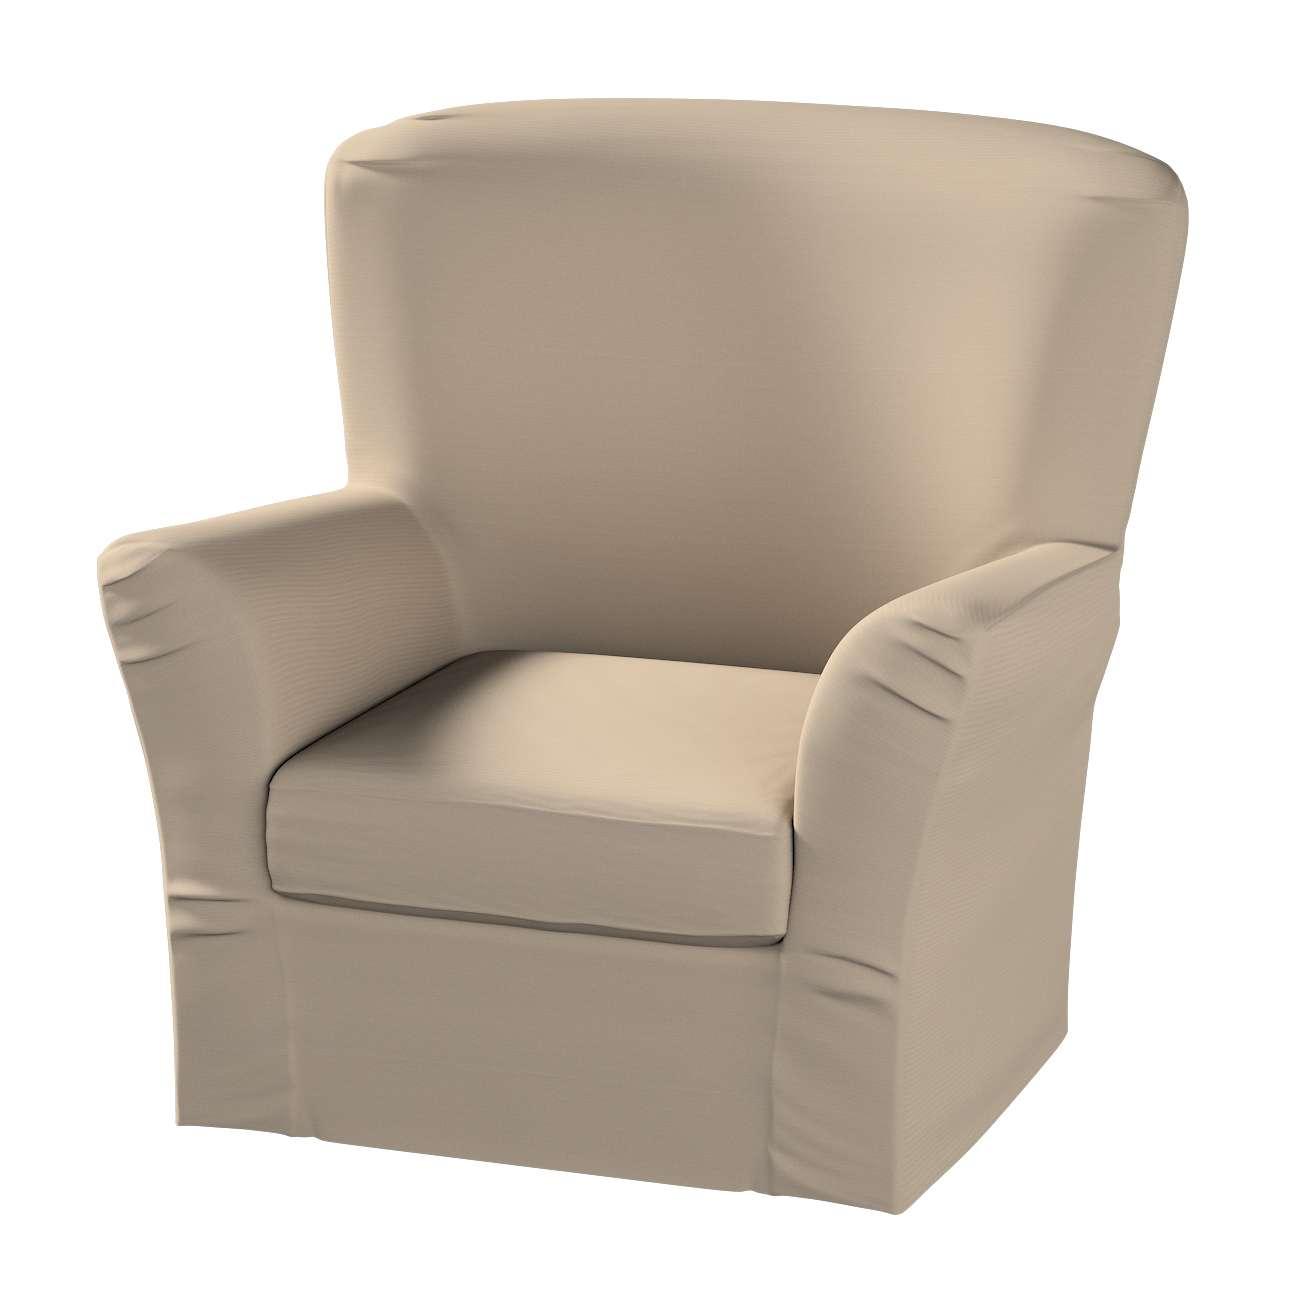 Pokrowiec na fotel Tomelilla z zakładkami fotel Tomelilla w kolekcji Cotton Panama, tkanina: 702-28